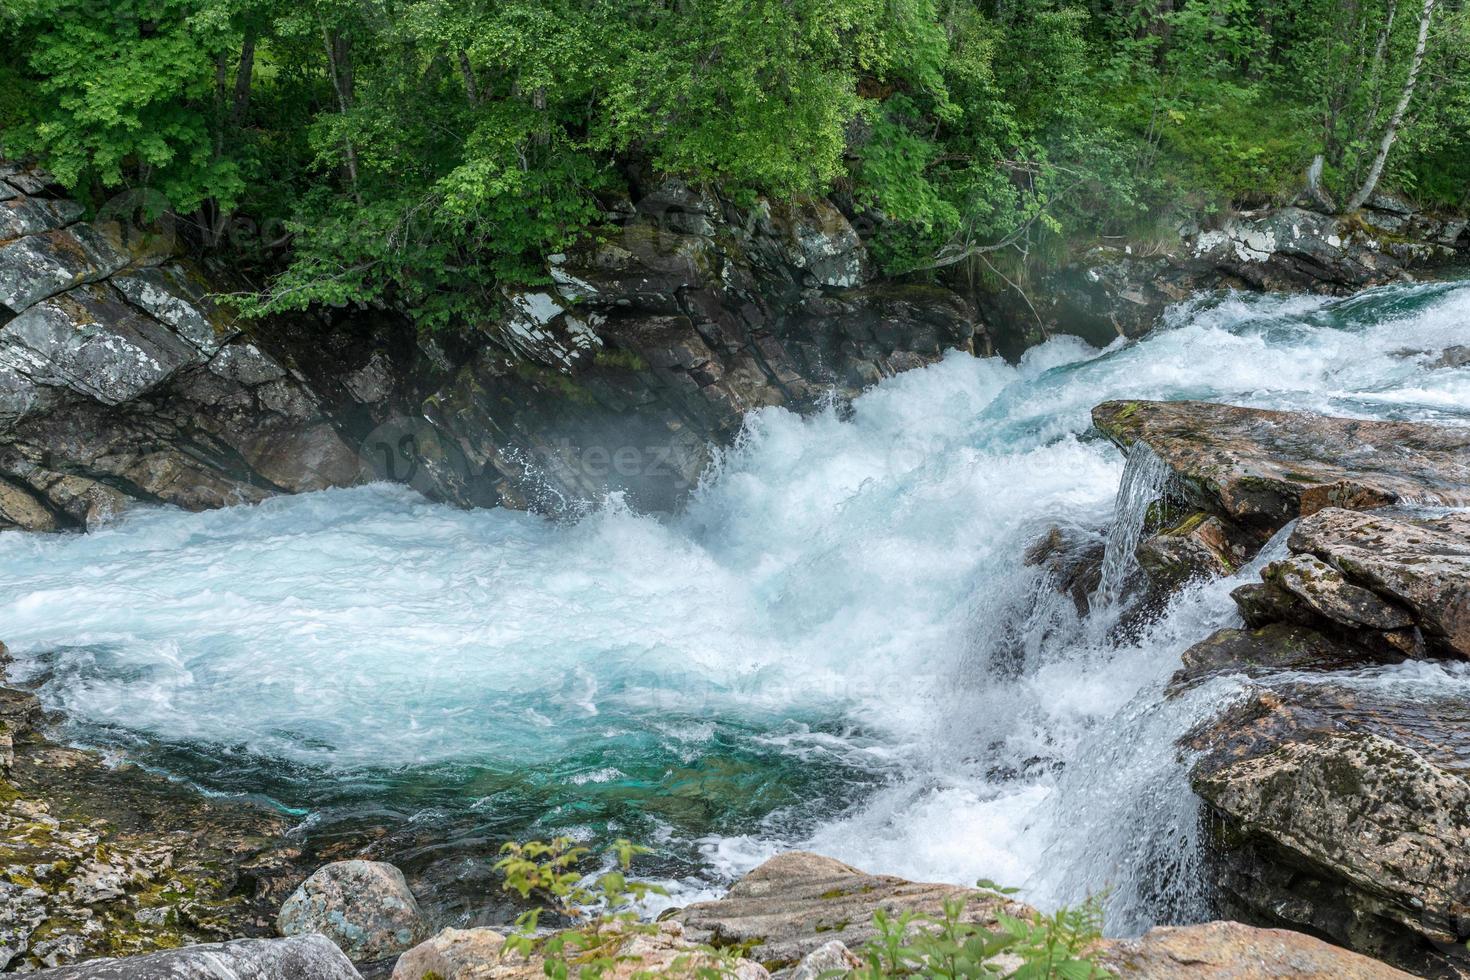 Arroyo en Noruega con agua dulce color turquesa atravesando rocas foto